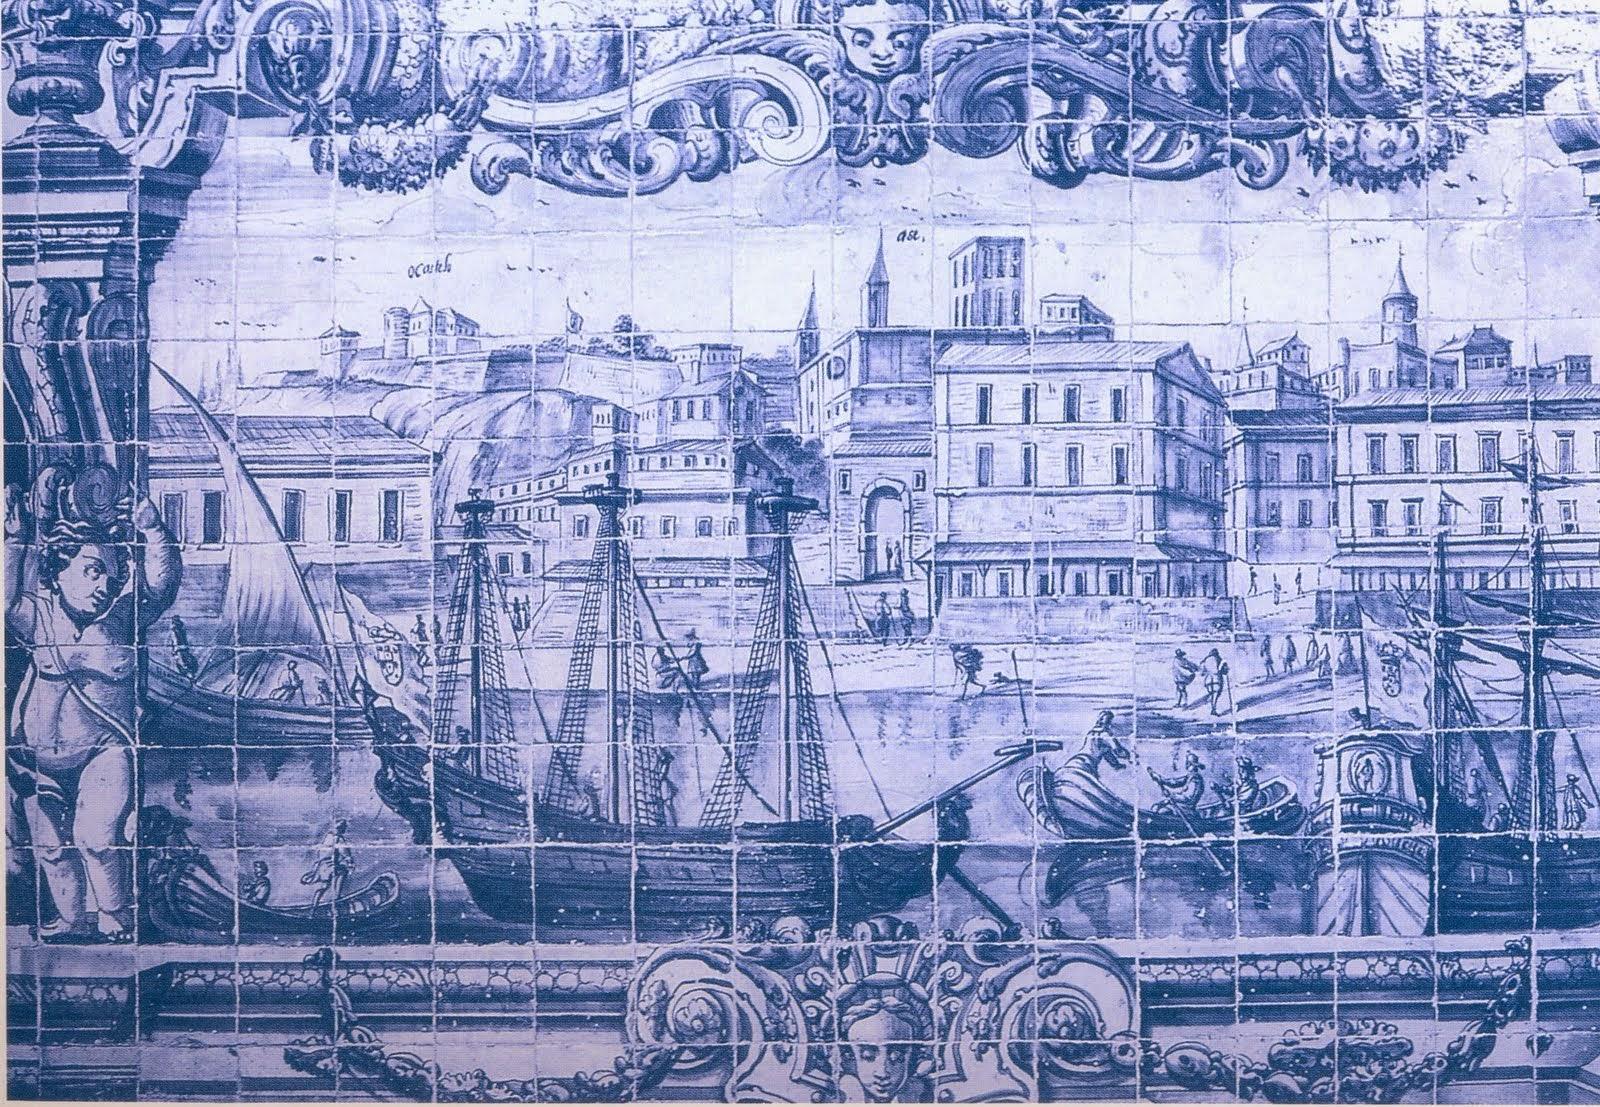 Museu Nacional do Azulejo em Lisboa